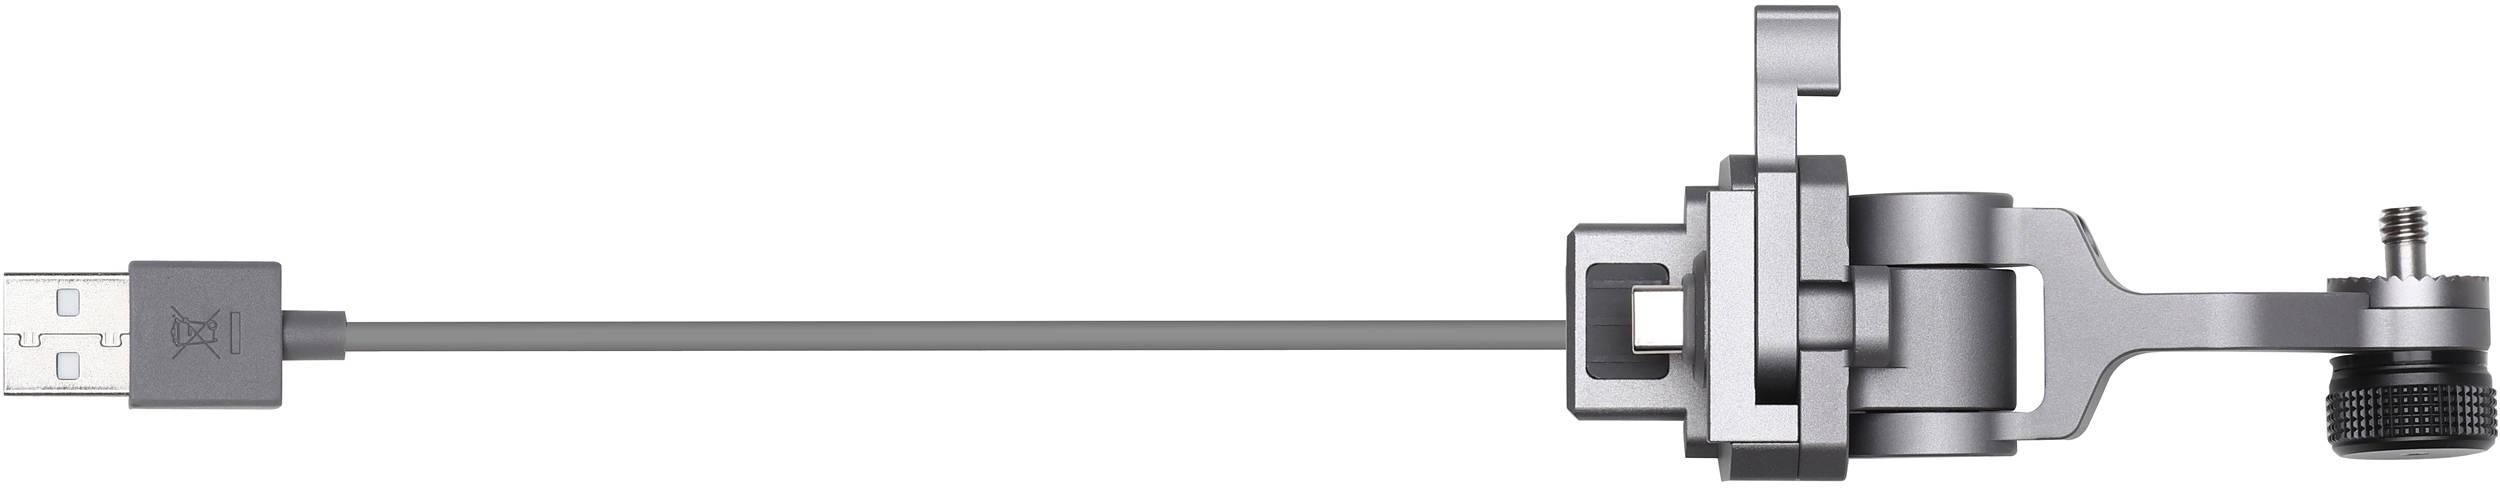 Крепежный кронштейн DJI Osmo Pro/RAW Mounting Bracket для CrystalSky-2